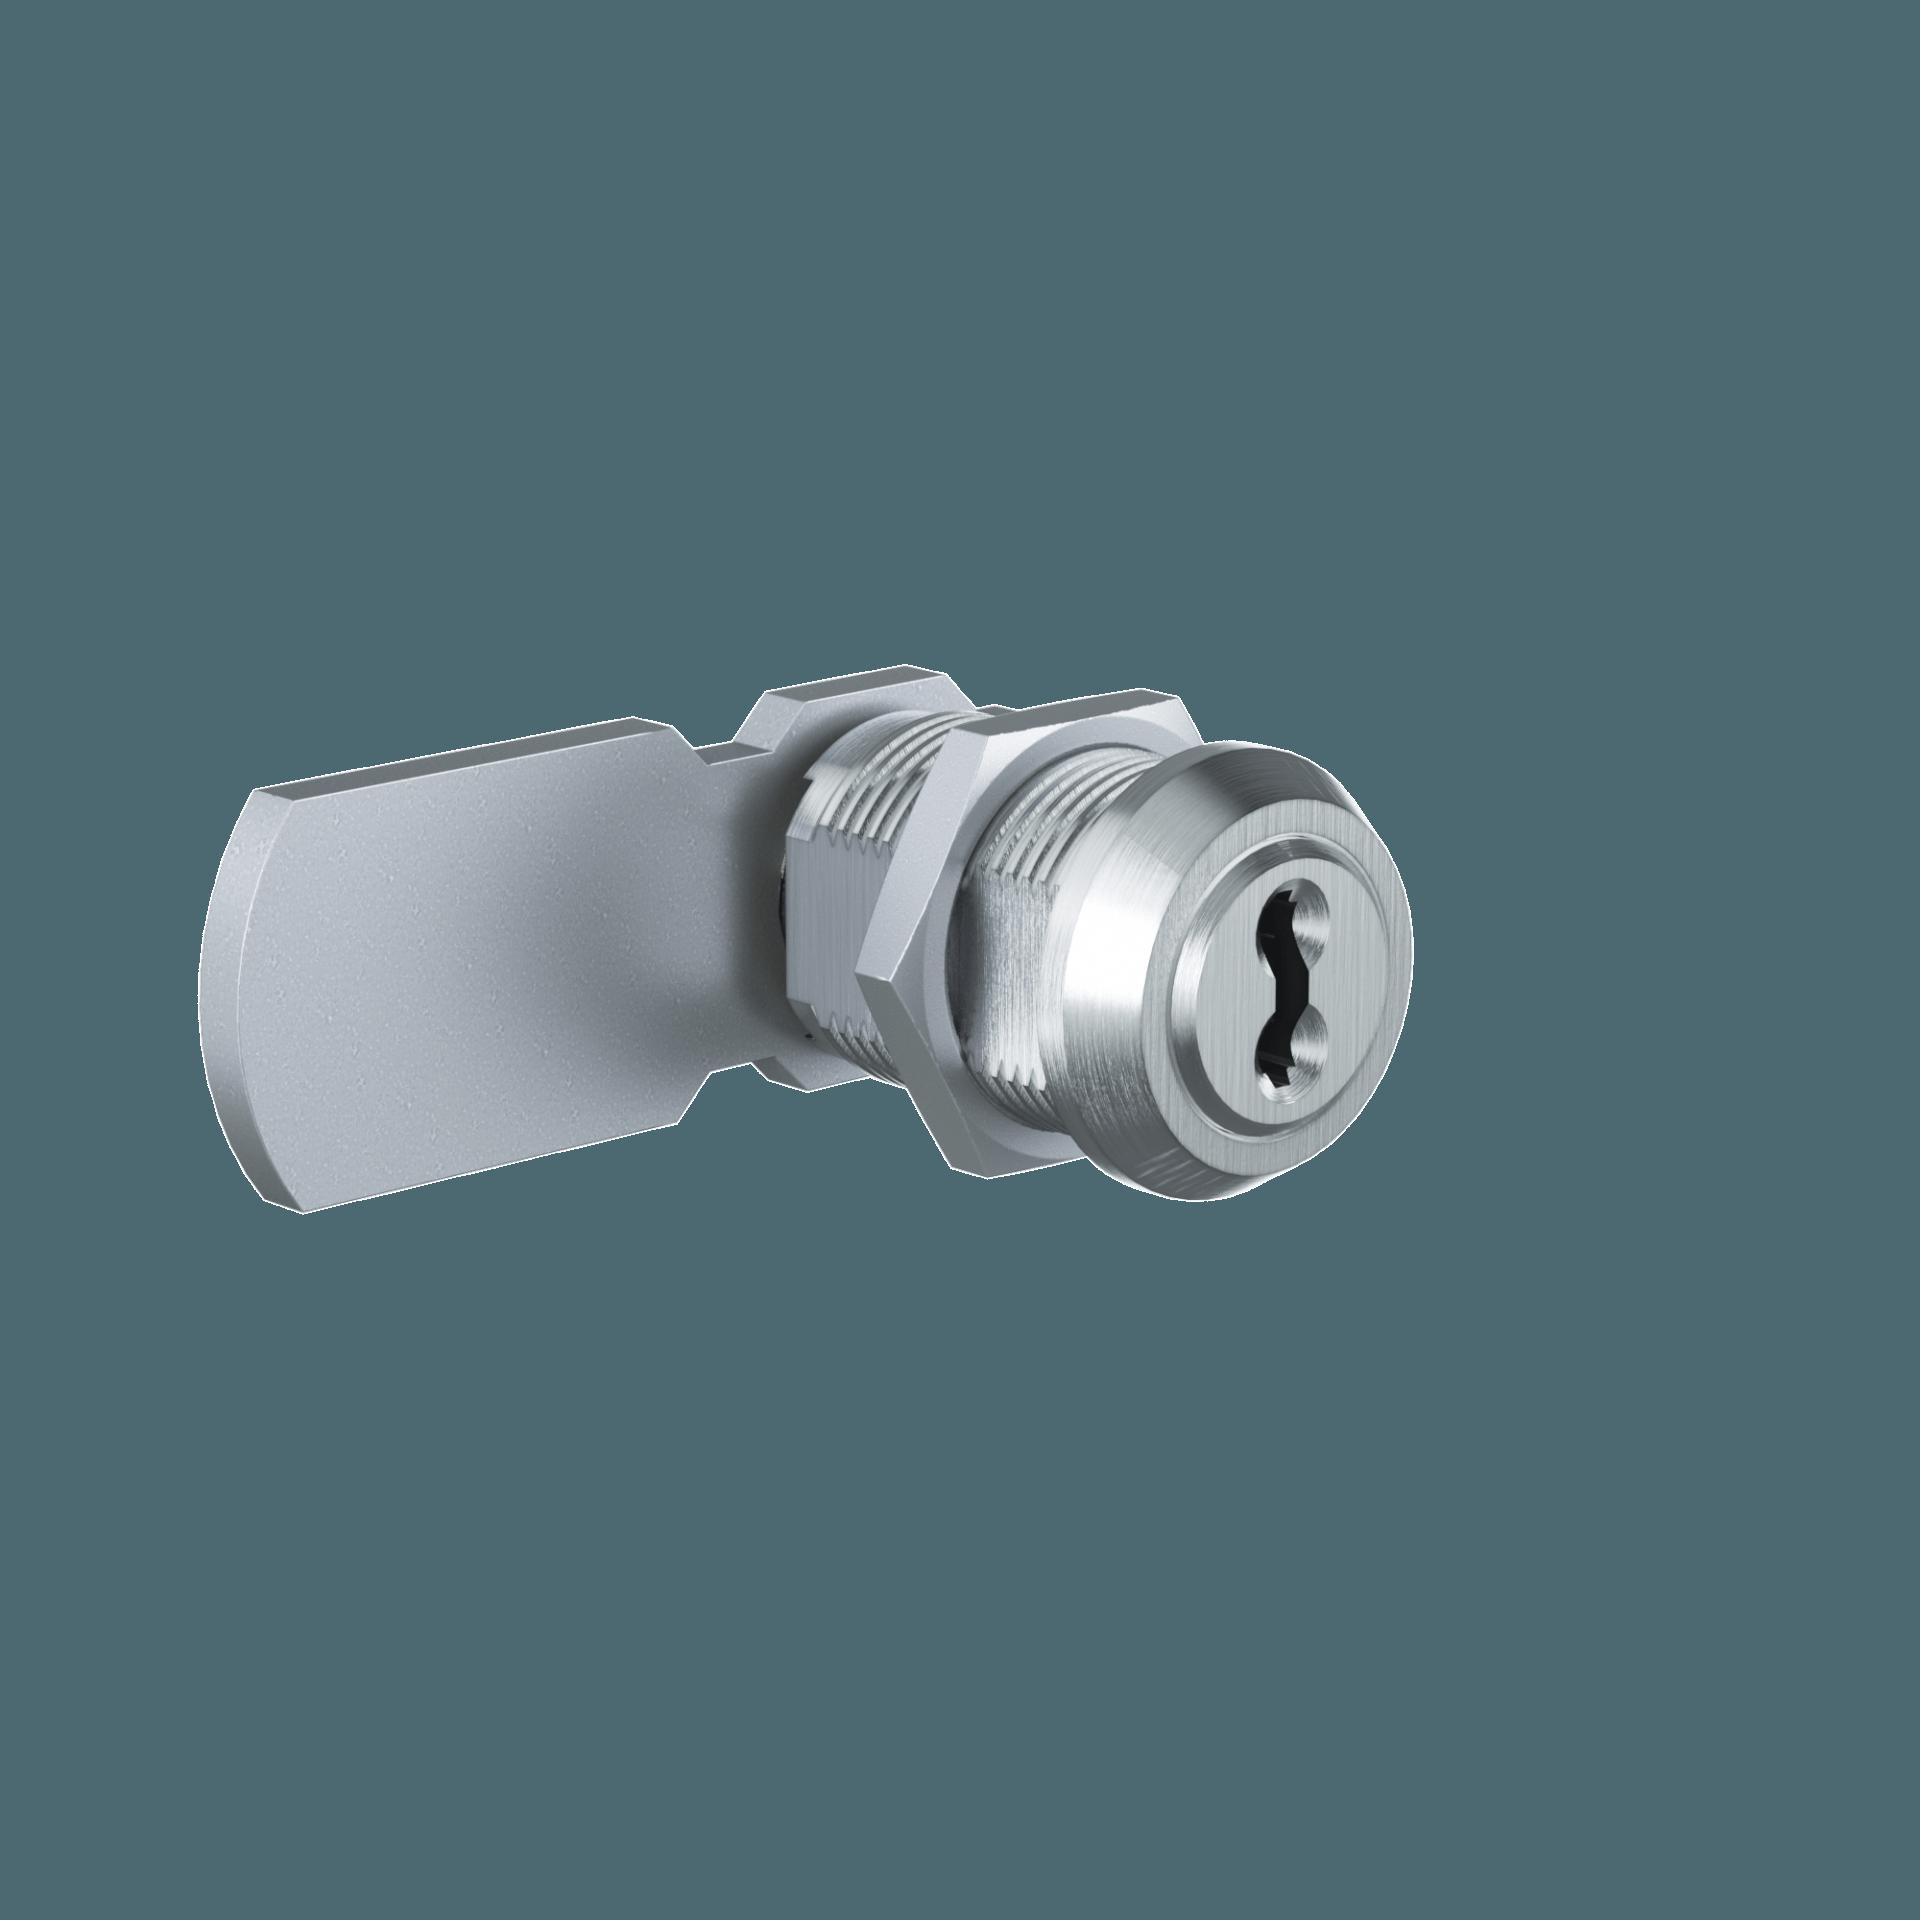 мебельний камерний замок MB19 Cam Lock на базі циліндра EVVA 4ks для майстер системи